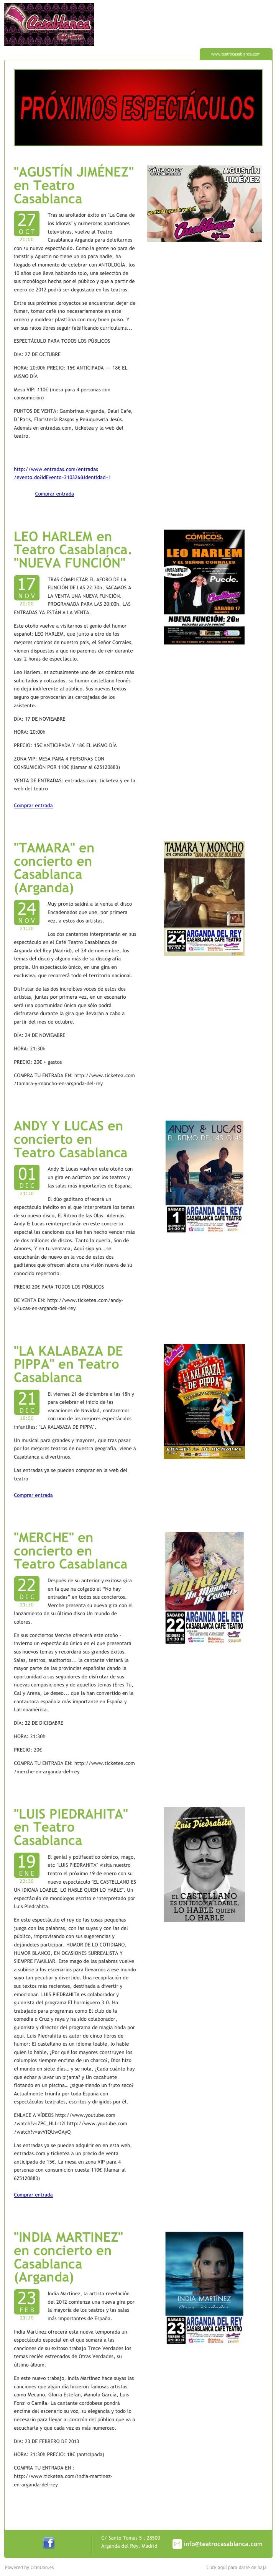 Teatro Casablanca, Arganda del Rey, Madrid, envia su programación mediante newsletter utilizando OcioUno; la plataforma tecnológica para locales de coio nocturno.